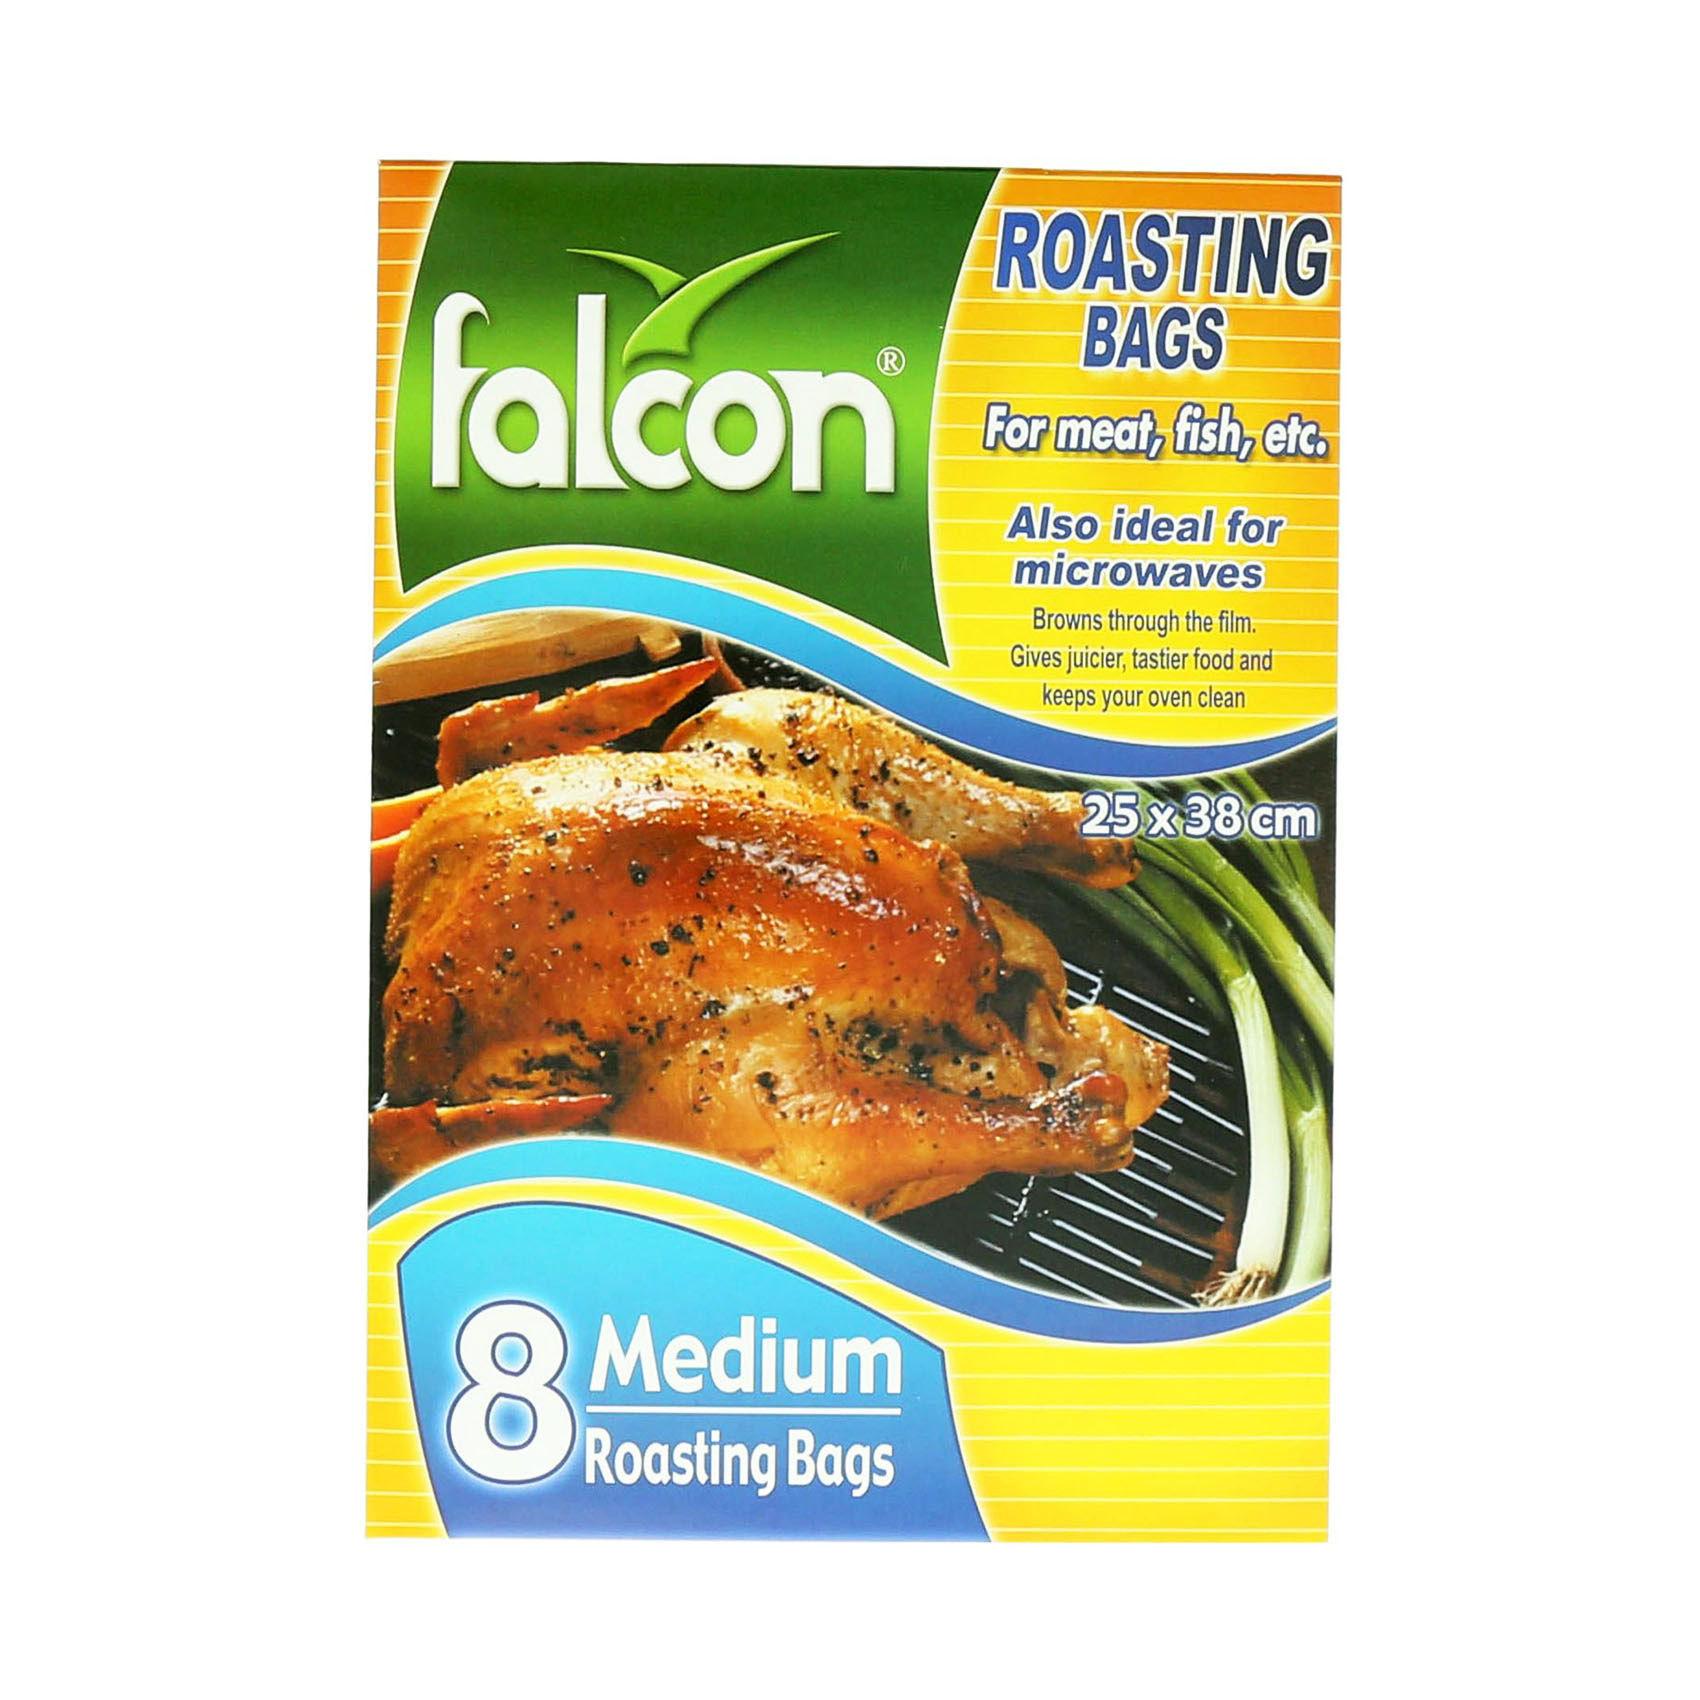 FALCON ROASTING BAGS 25X38 CM